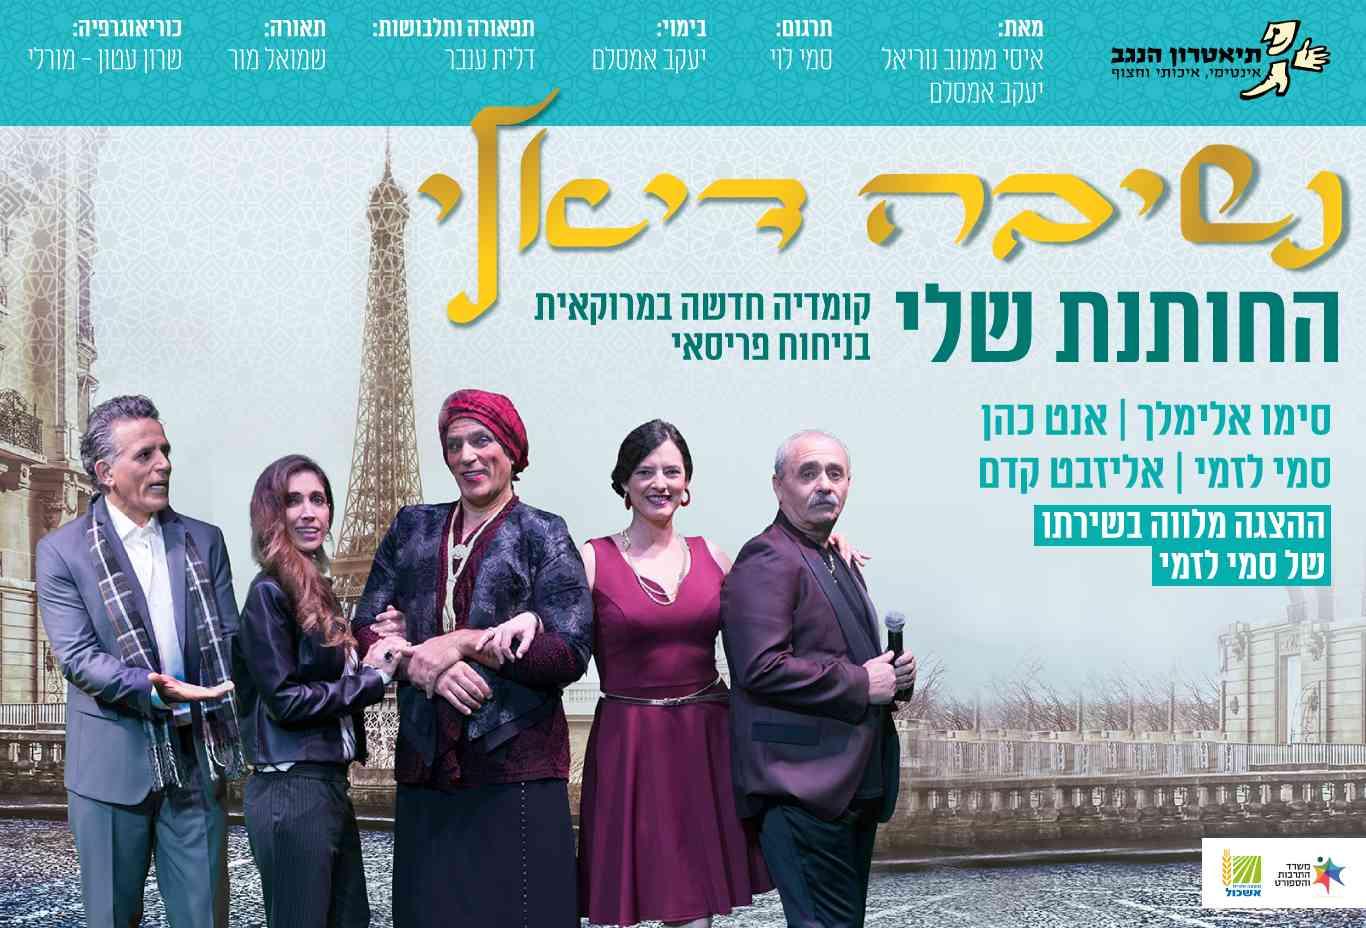 נשיבה דיאלי – בכורה חגיגית בתל-אביב. שעה 20:30